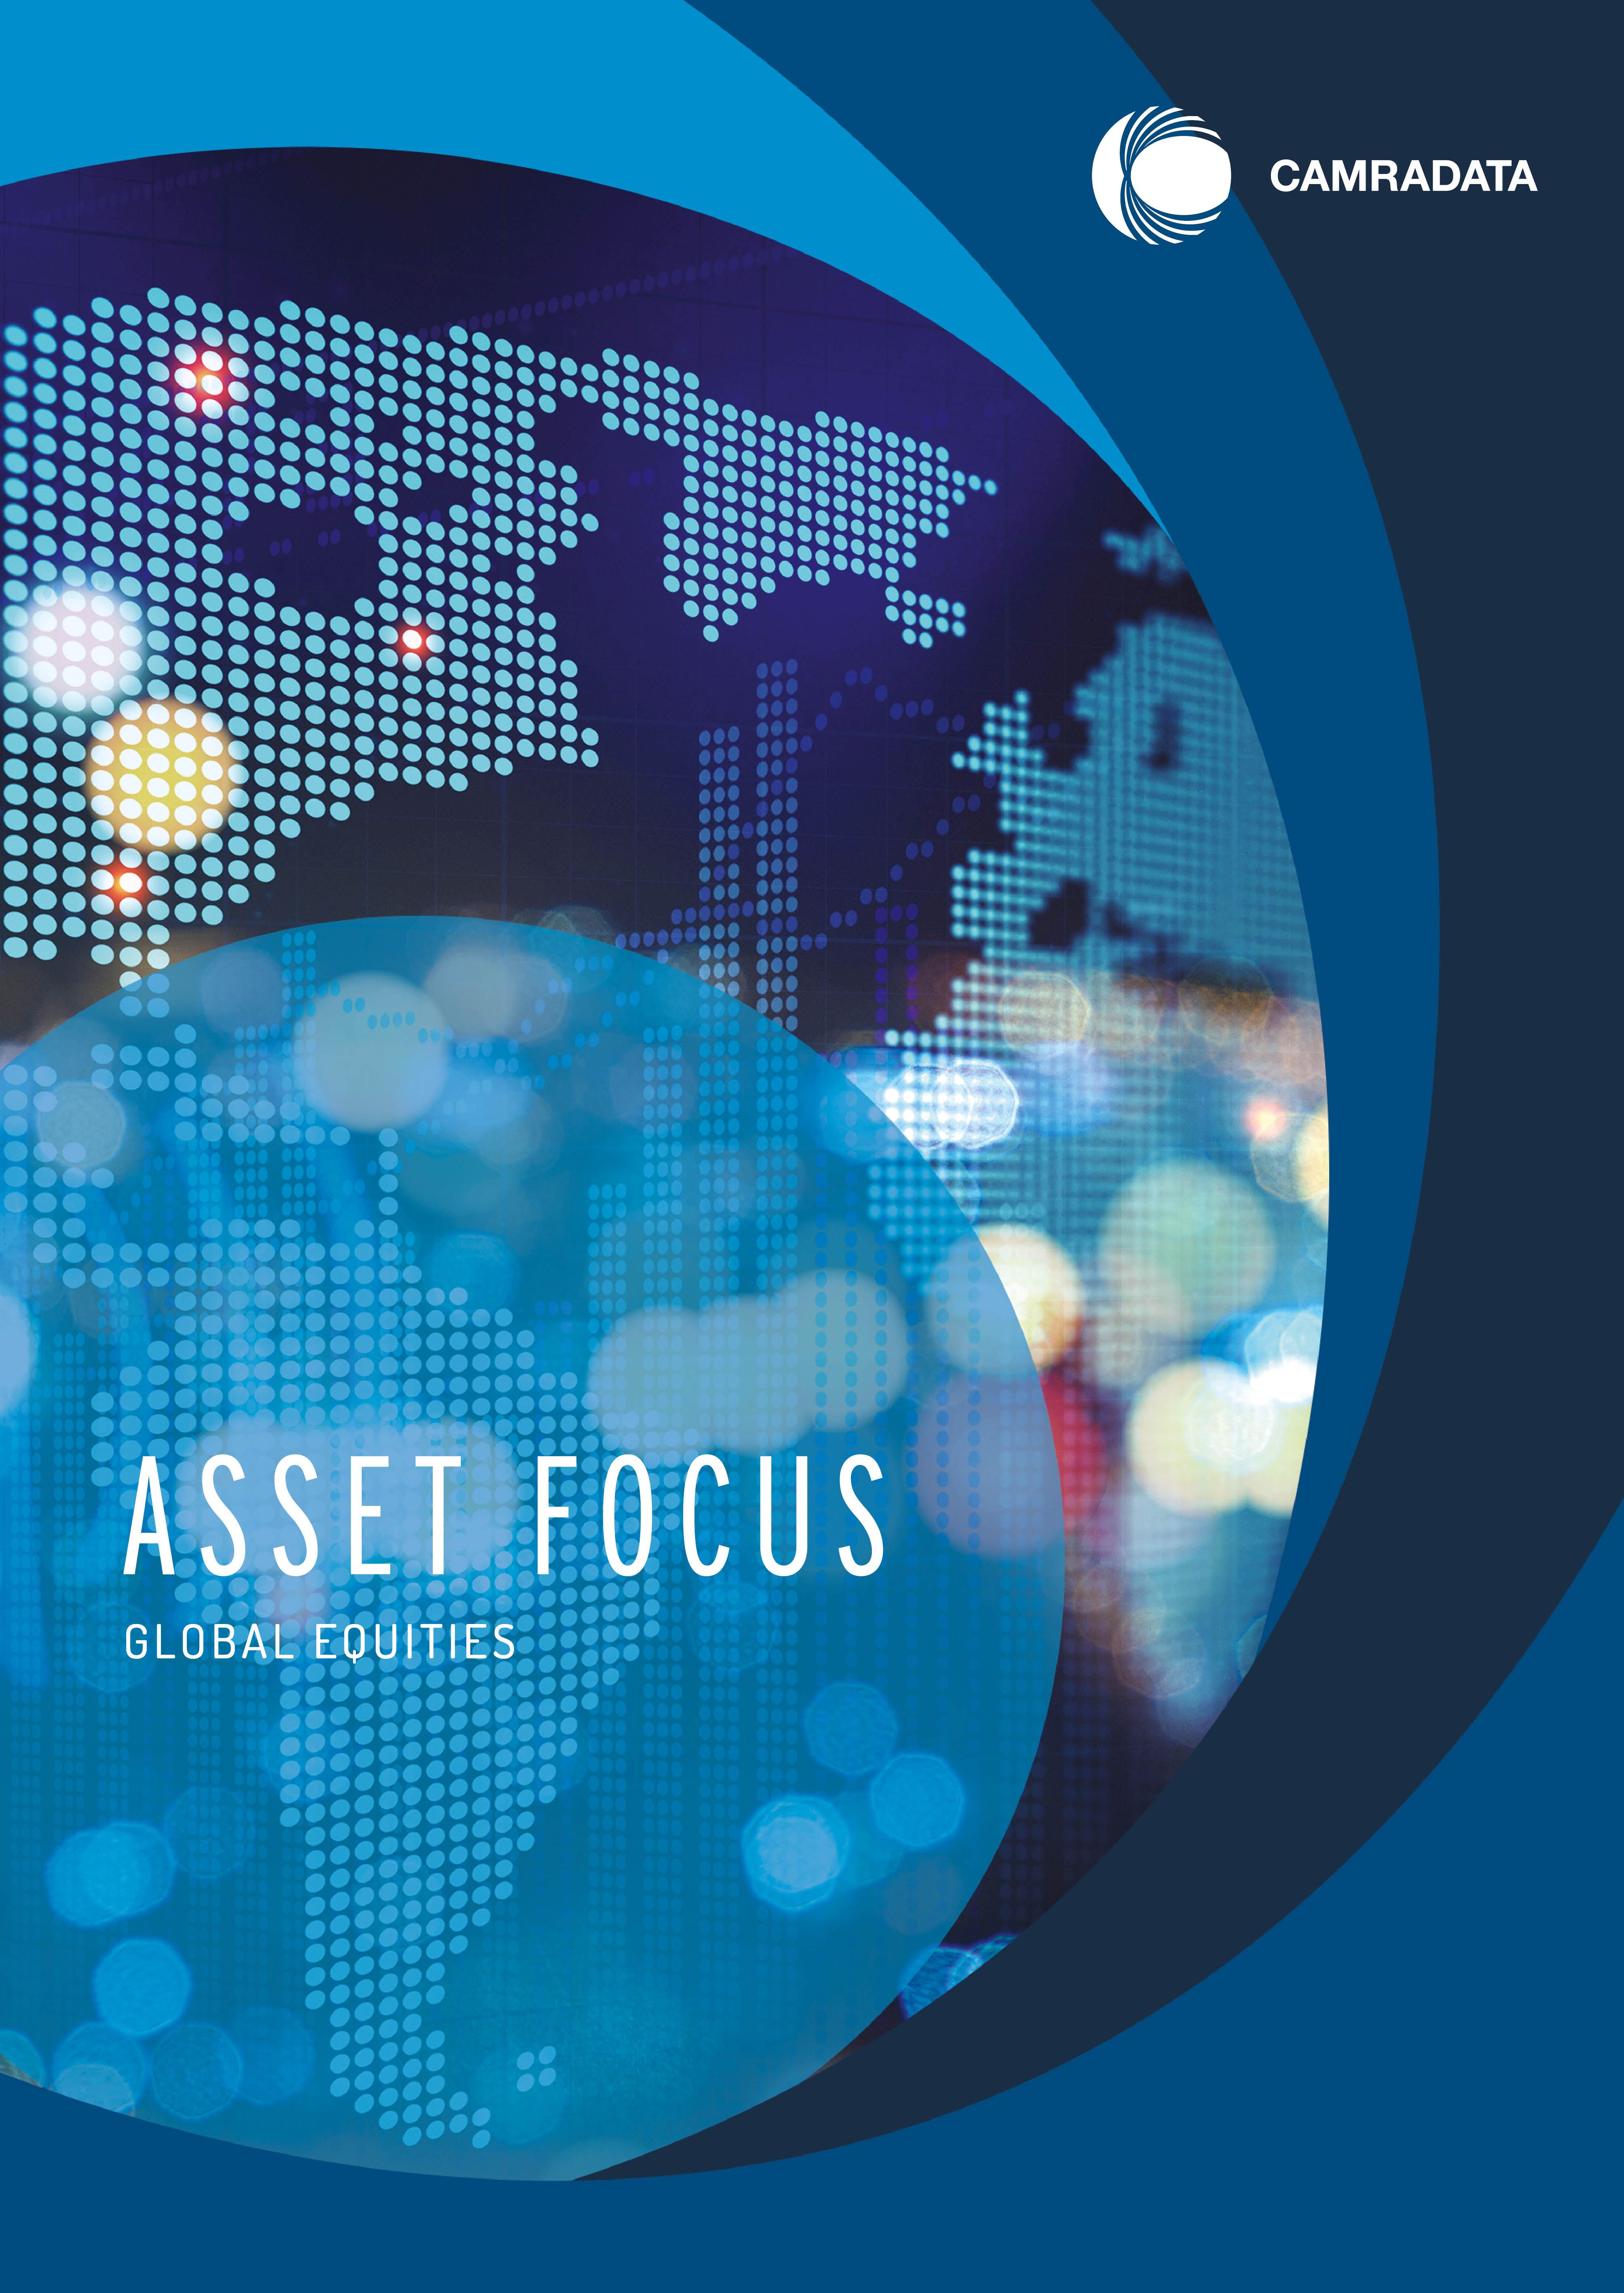 May 2019 – Global Equities